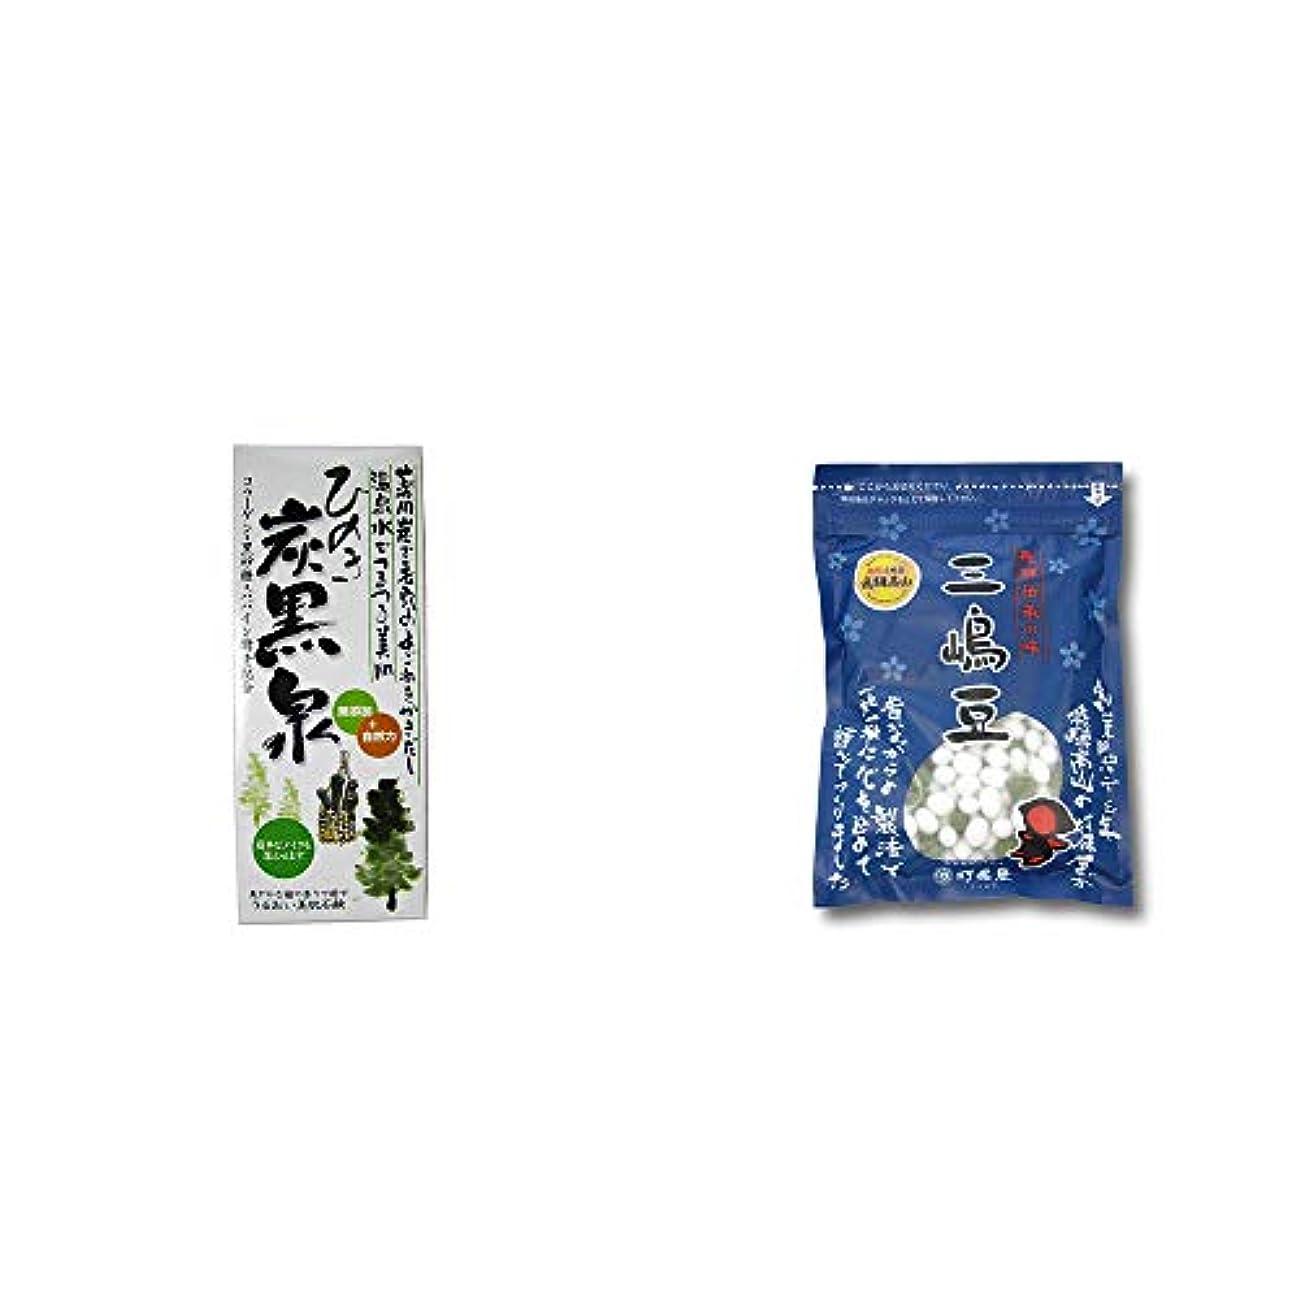 病暖かく東[2点セット] ひのき炭黒泉 箱入り(75g×3)?飛騨 打保屋 駄菓子 三嶋豆(150g)